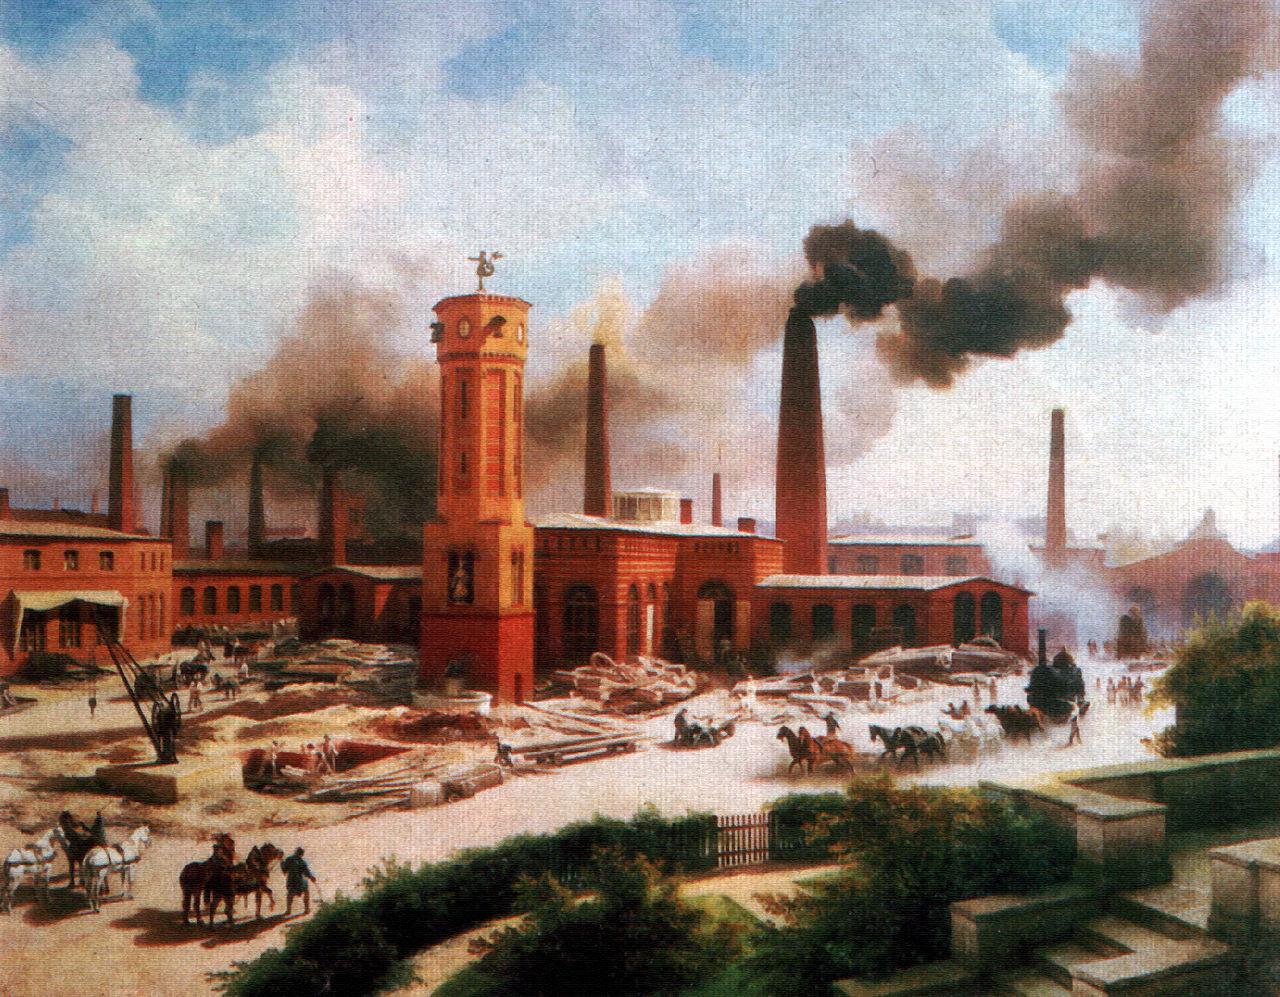 Borsigs Maschinenbau-Anstalt zu Berlin